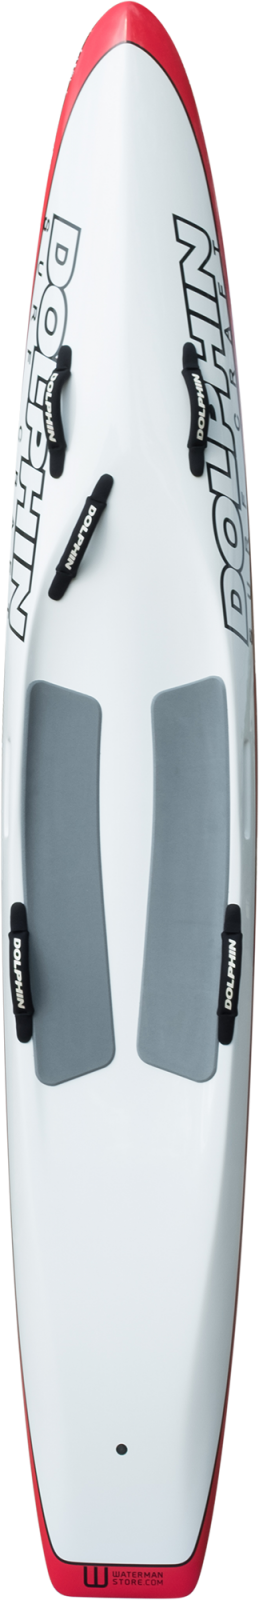 Dolphin 10'6 XL - 423